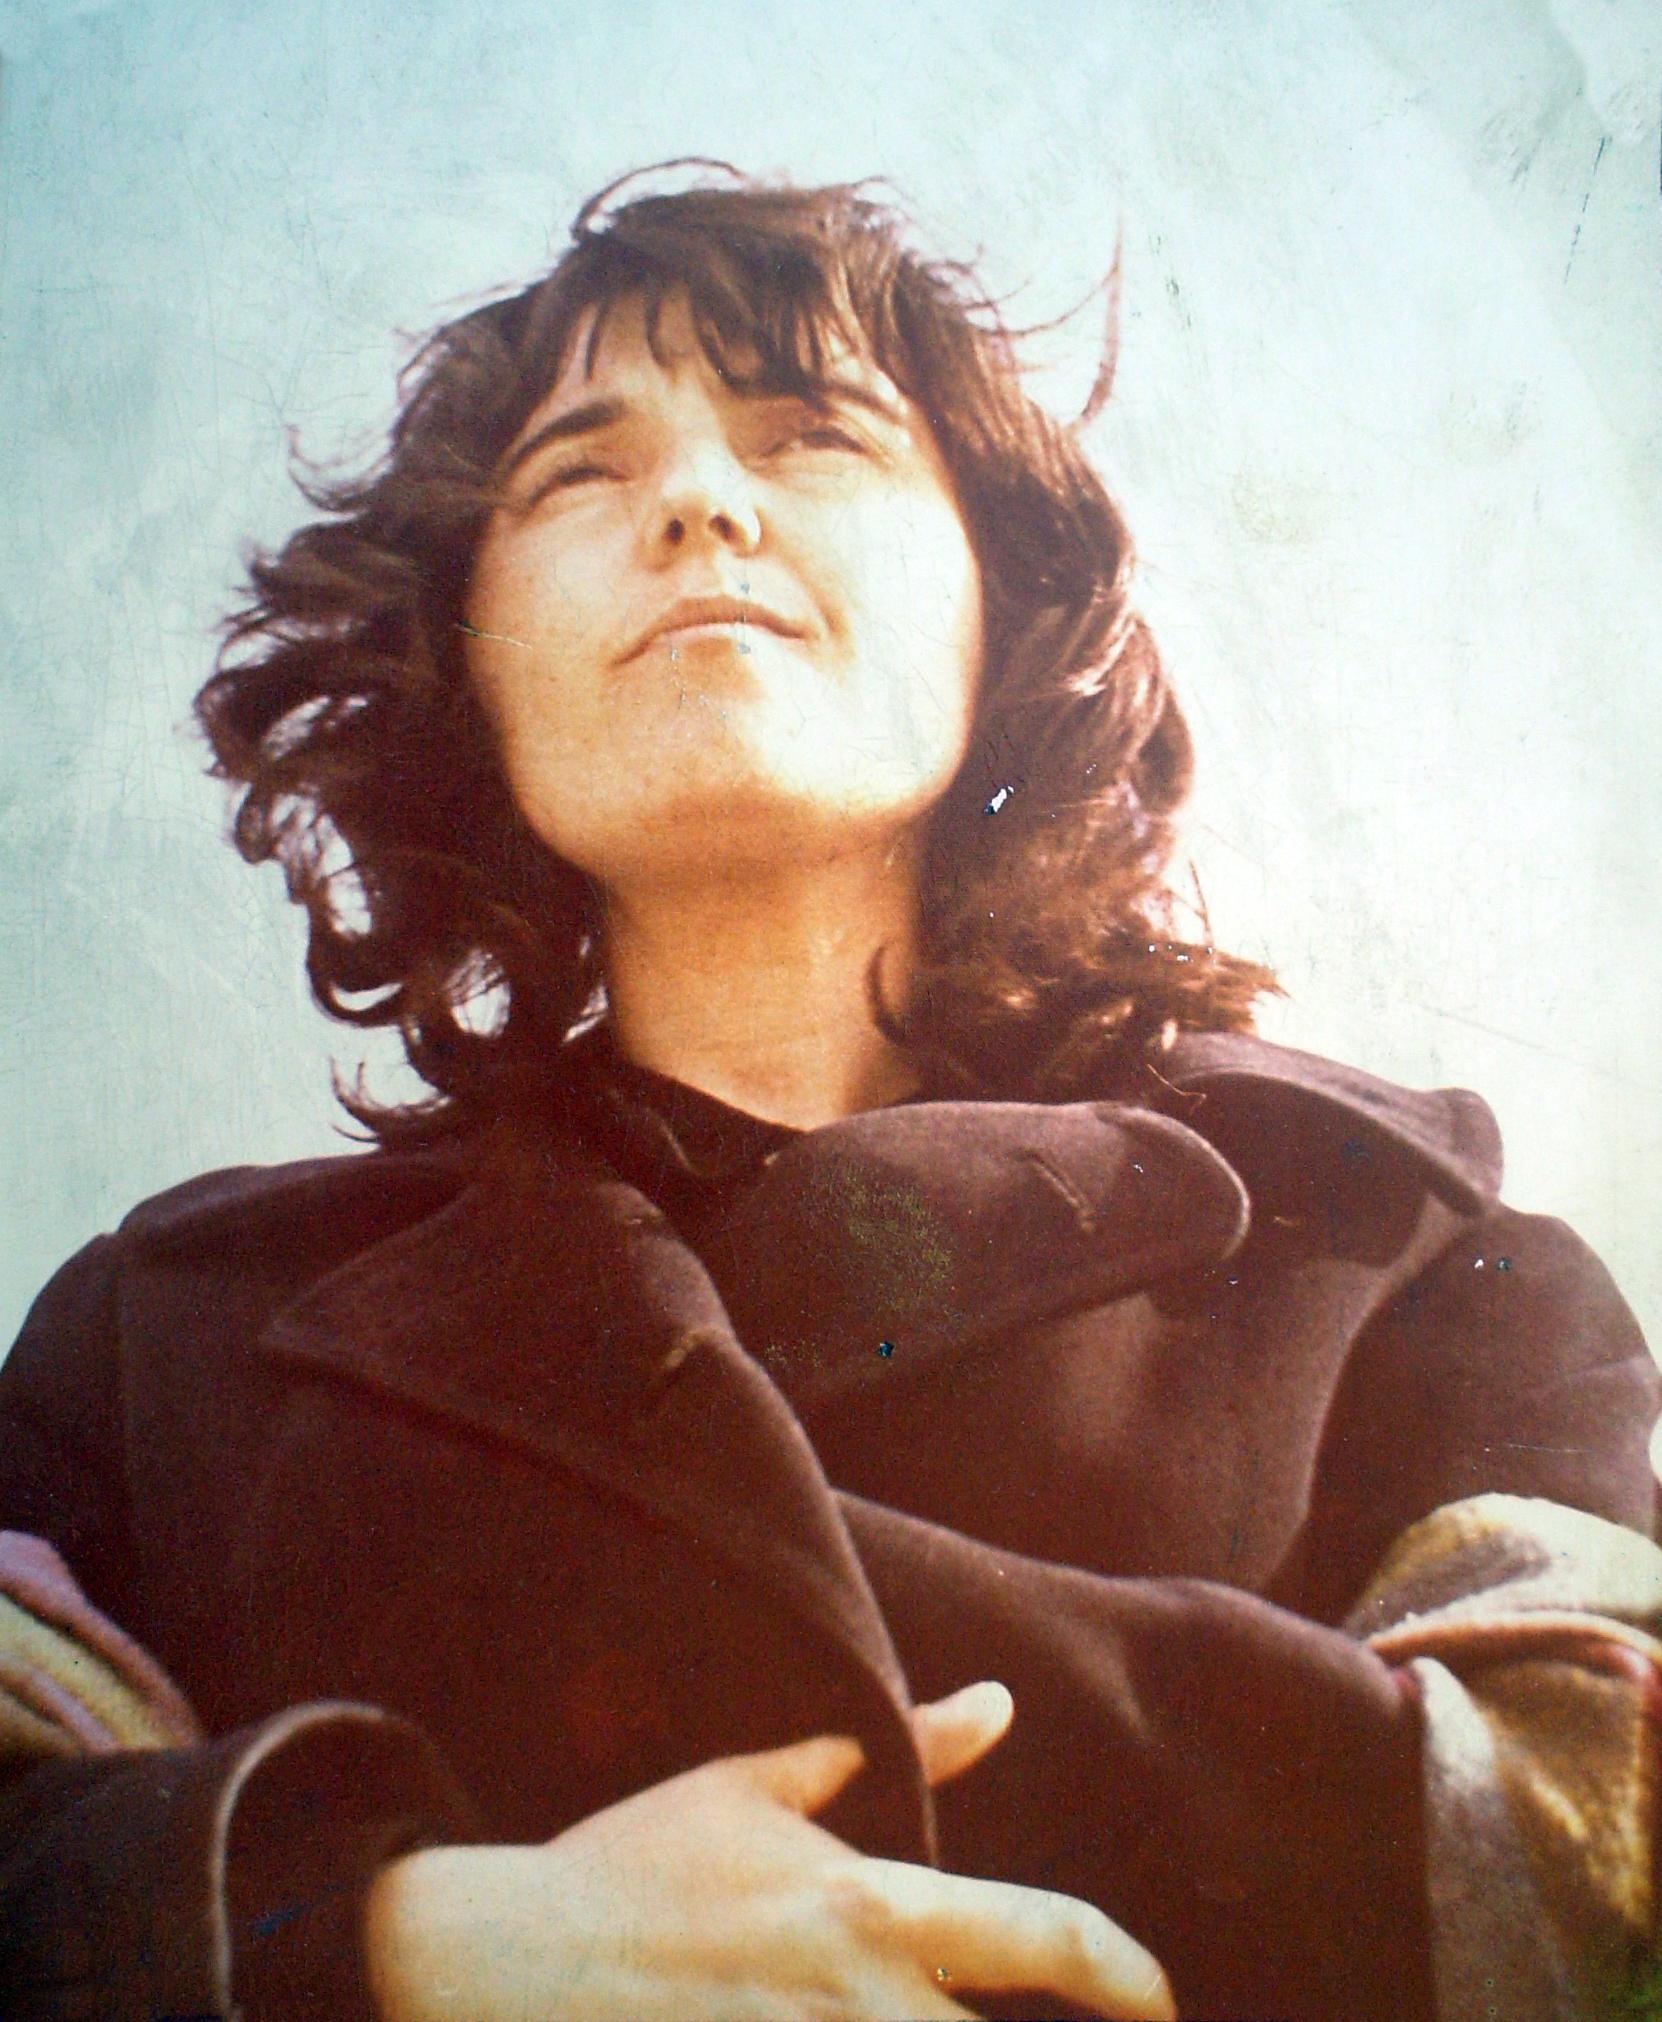 Η Λαοκρατία Λάκκα, με αμπέχωνο, ως φοιτήτρια στο Πανεπιστήμιο Αθηνών, στις αρχές του '60